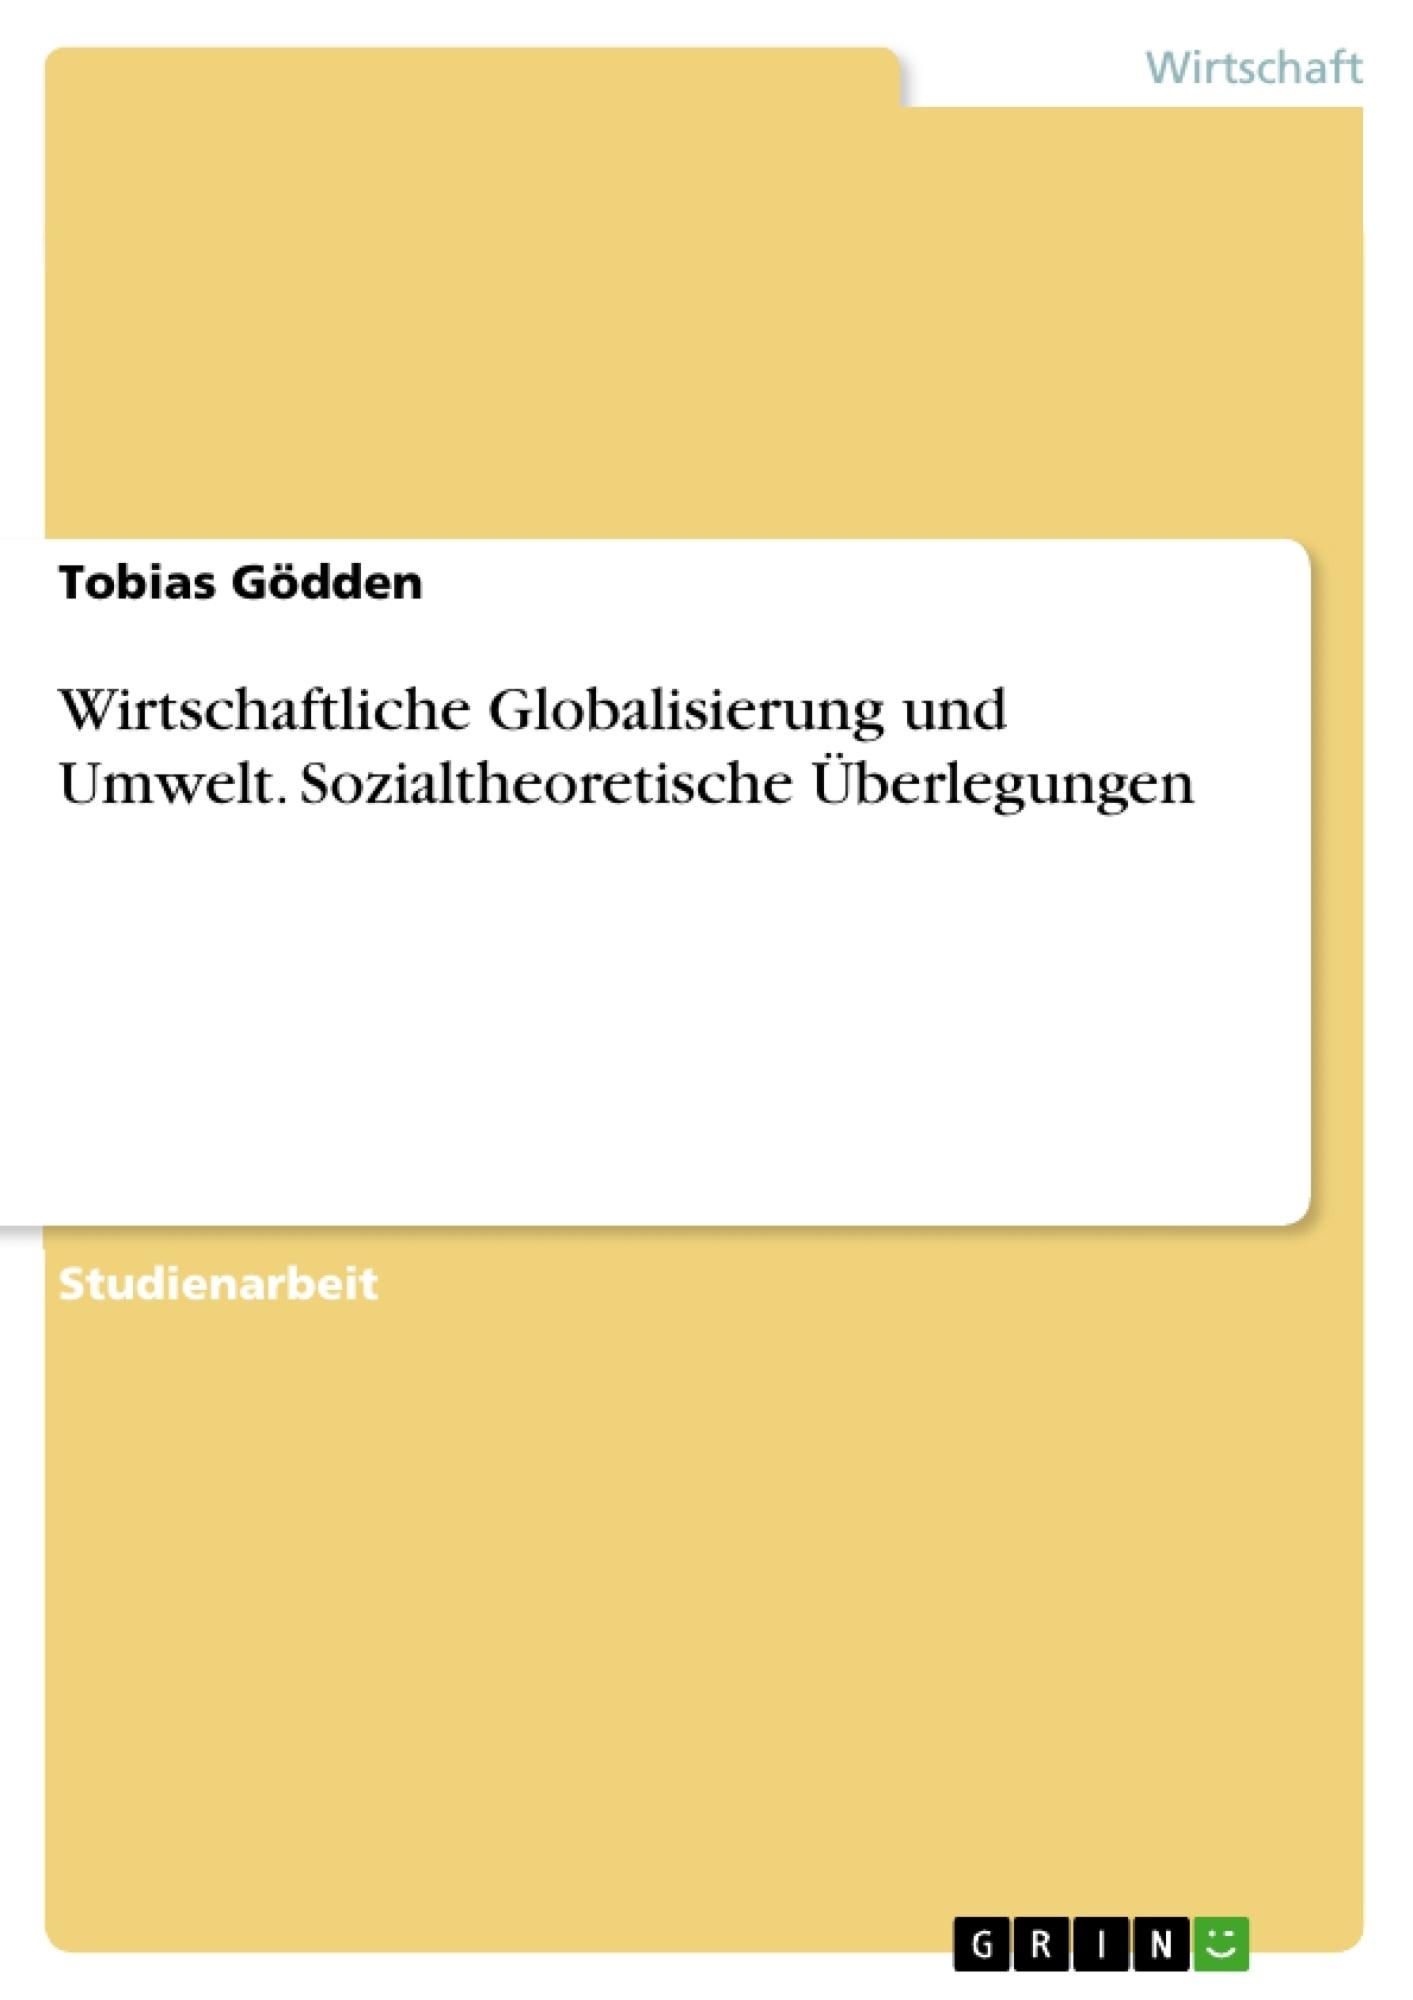 Titel: Wirtschaftliche Globalisierung und Umwelt. Sozialtheoretische Überlegungen